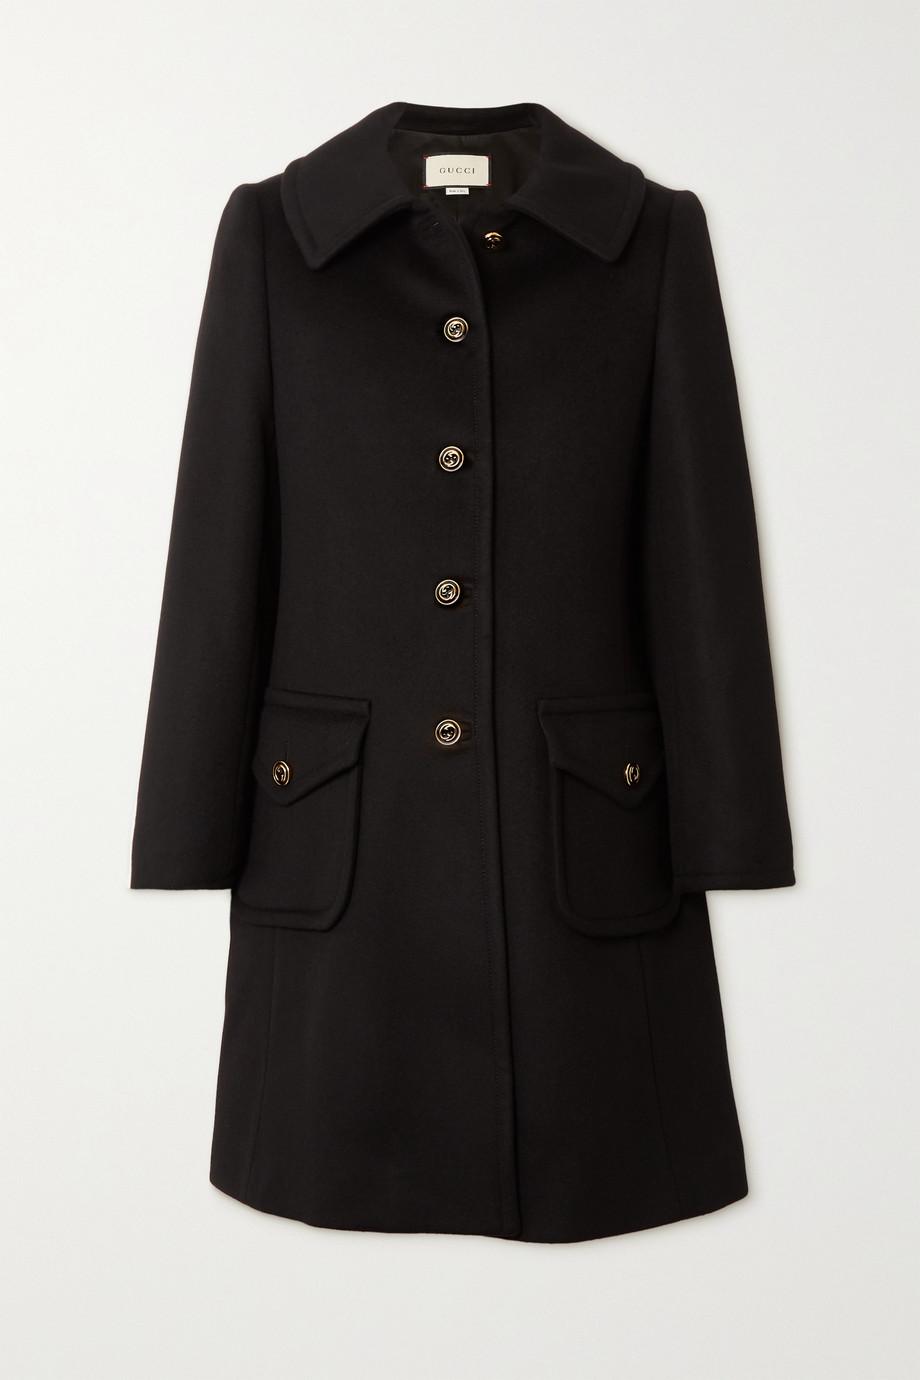 Gucci Manteau en feutre de laine à boutons